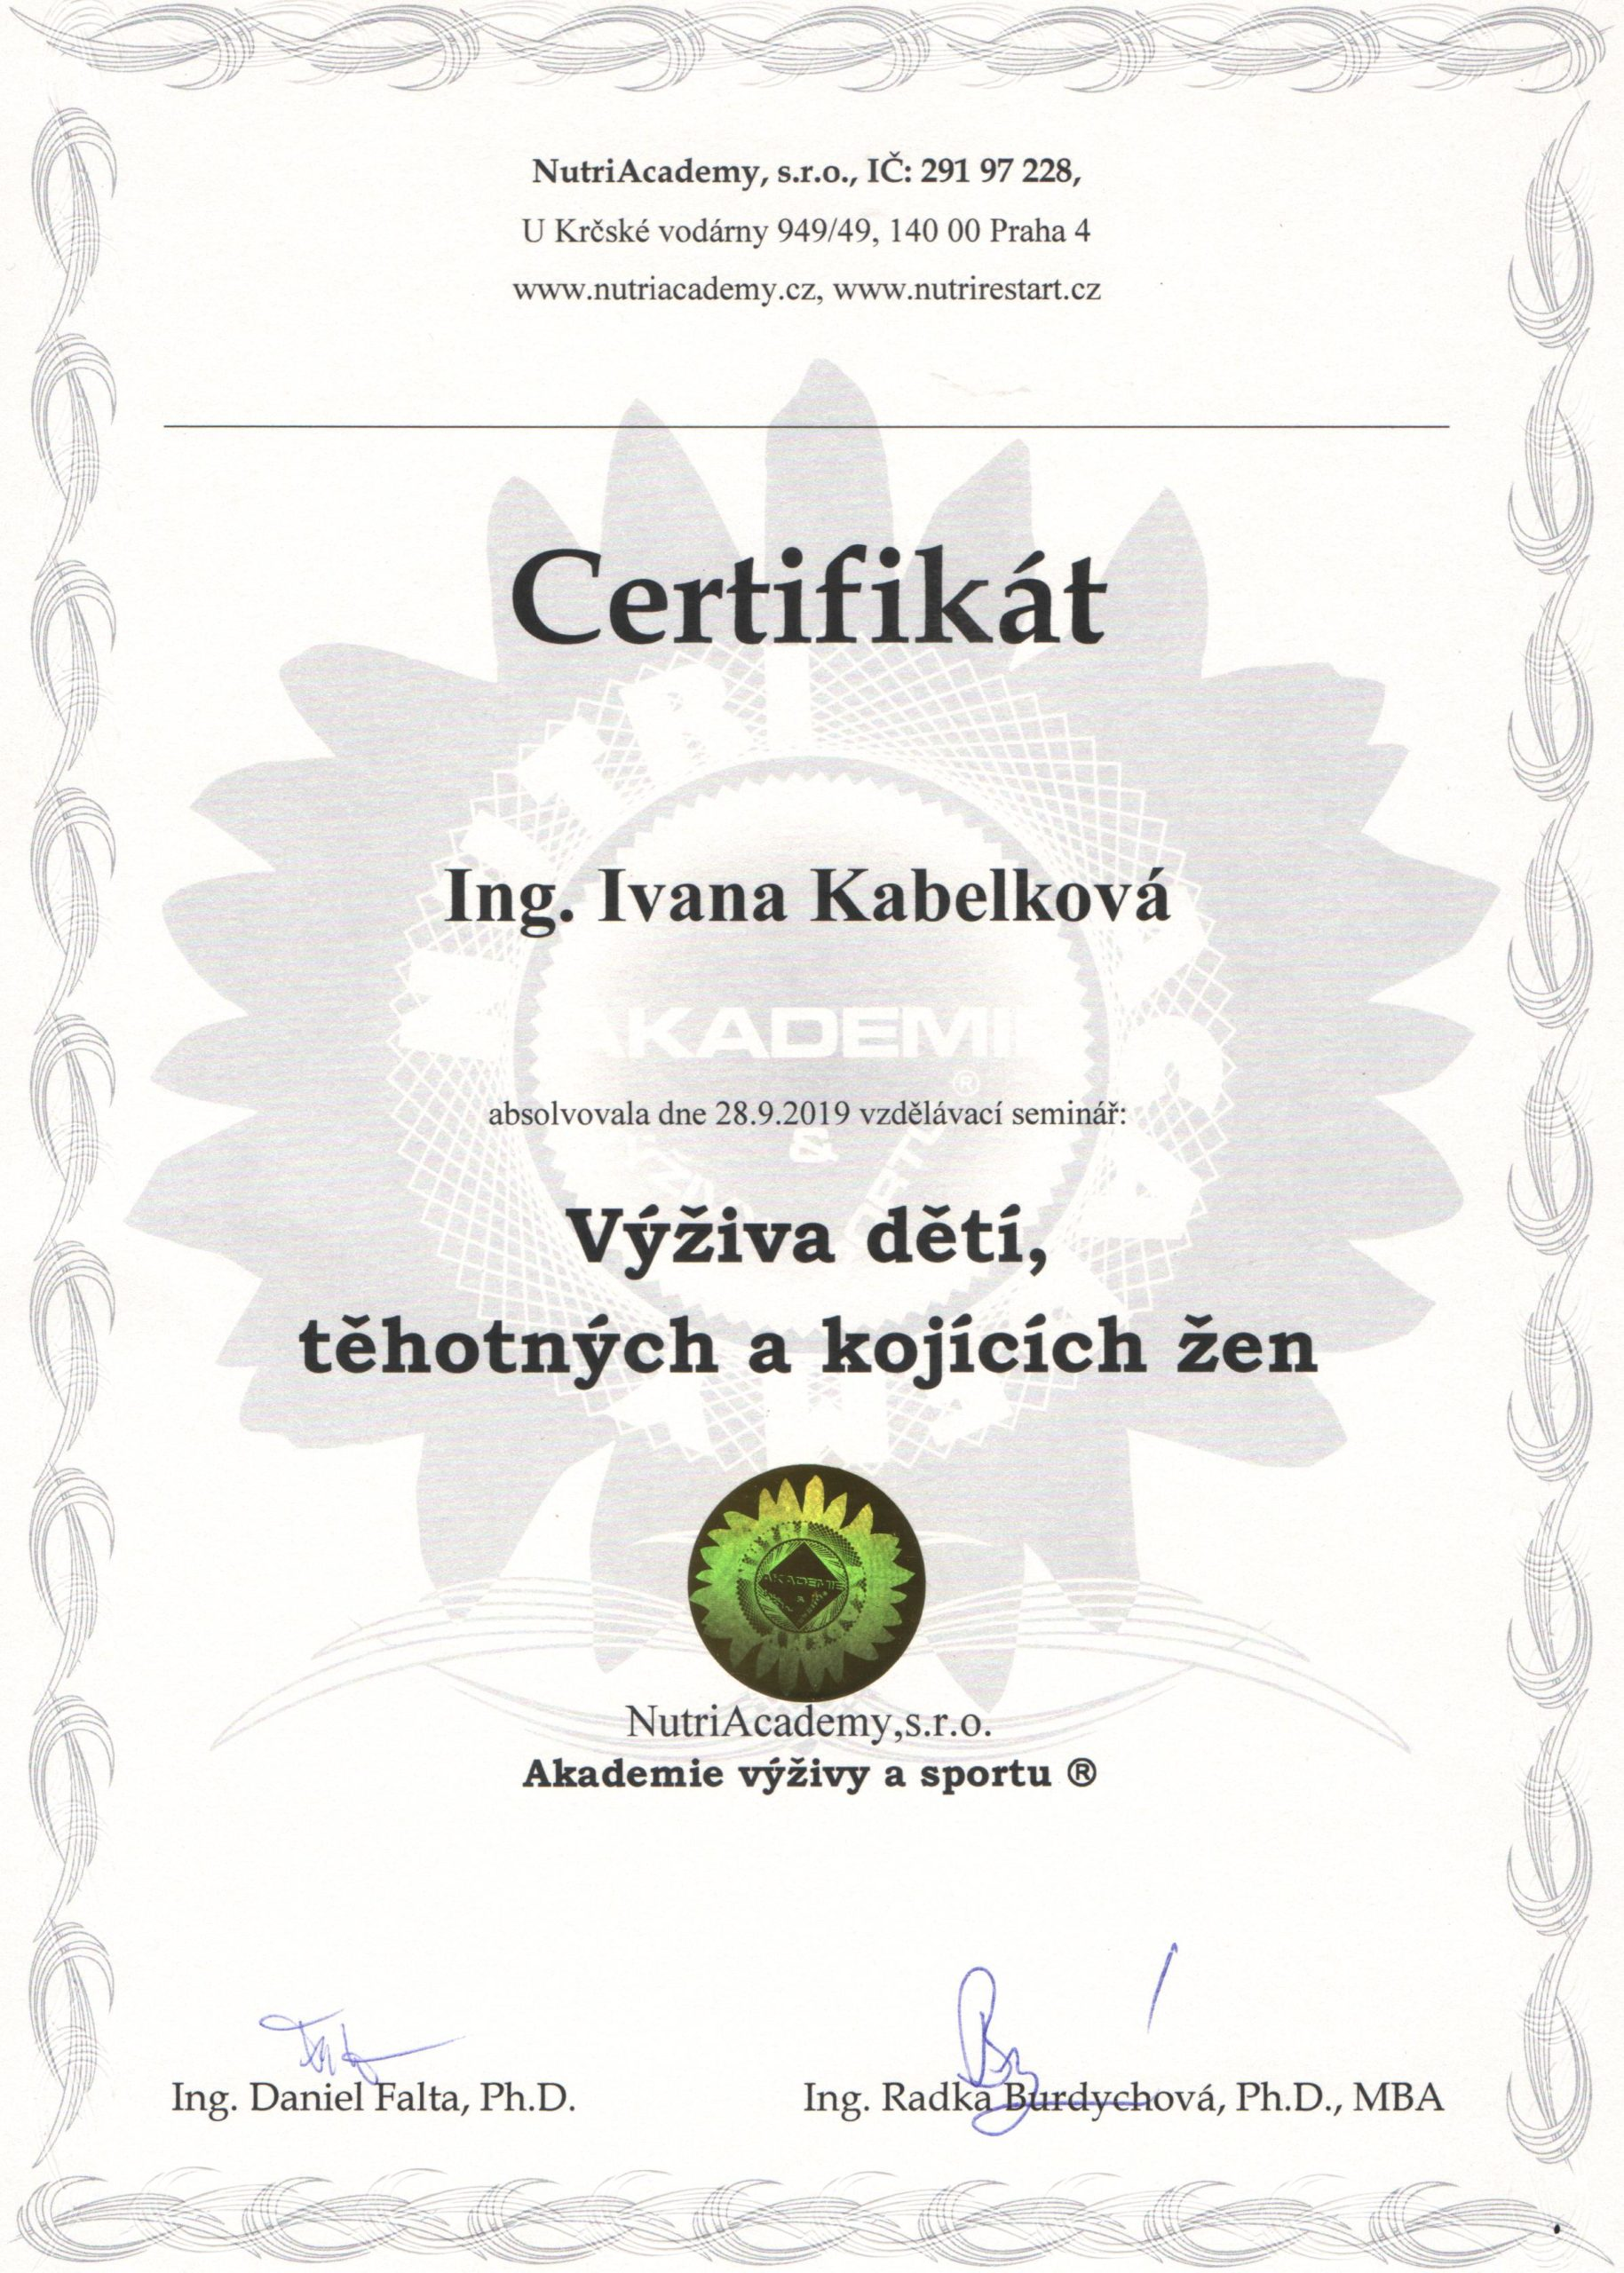 Certifikát - Výživa dětí, kojících a těhotných žen